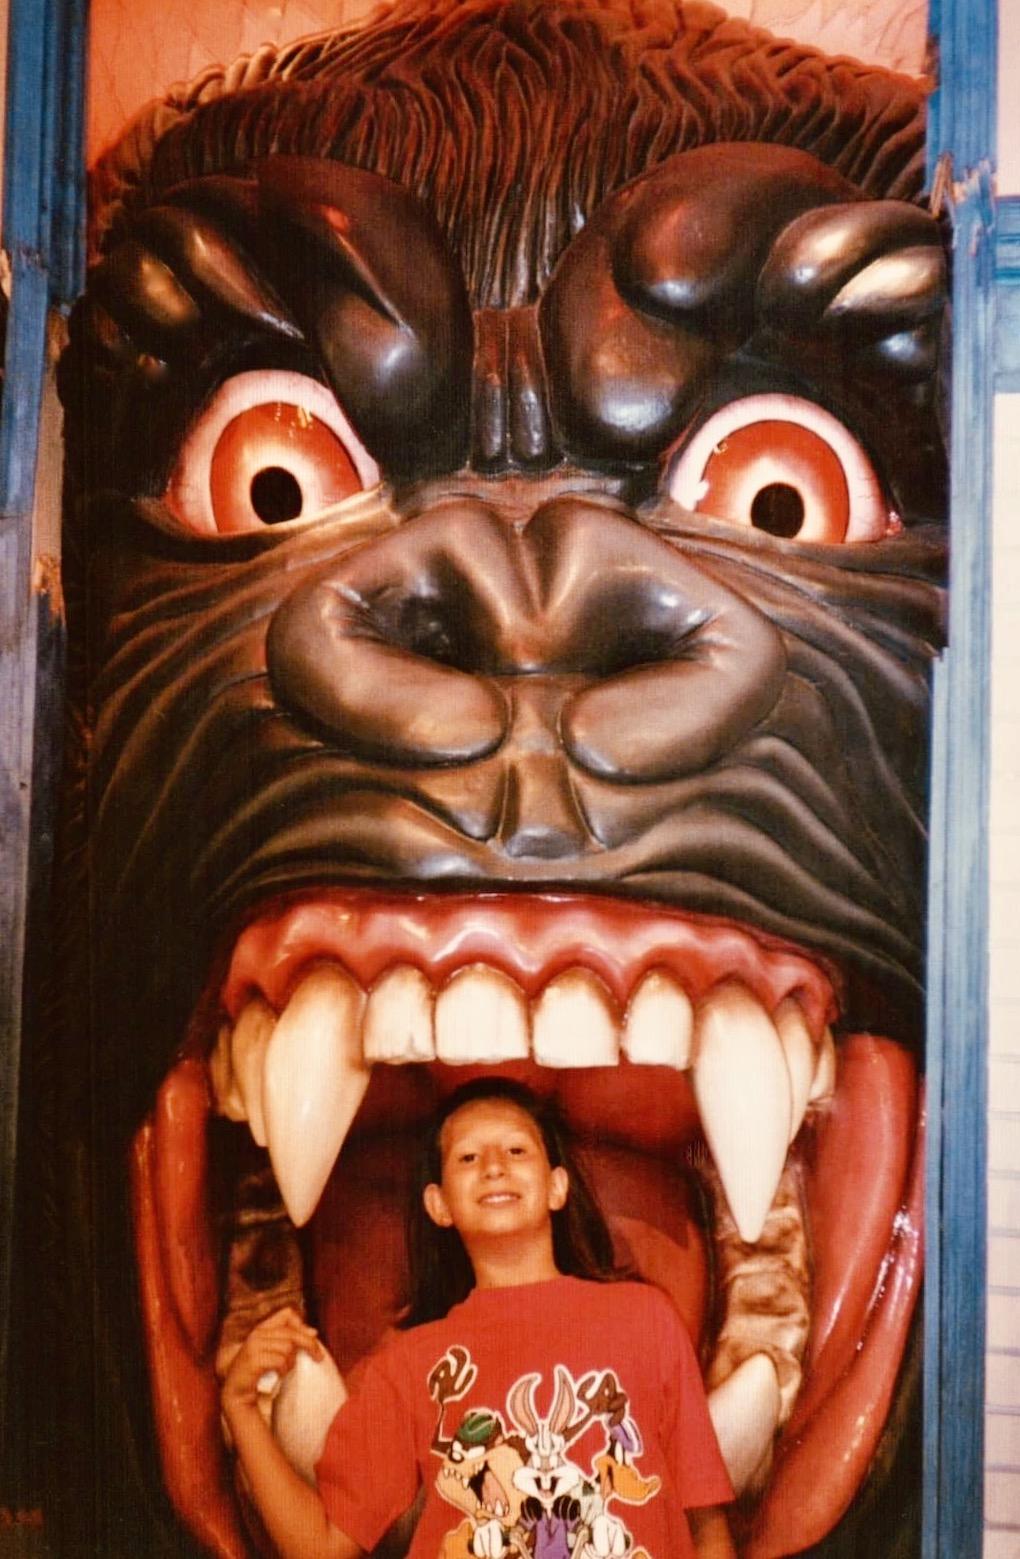 King Kong Ride Florida Nostalgia.